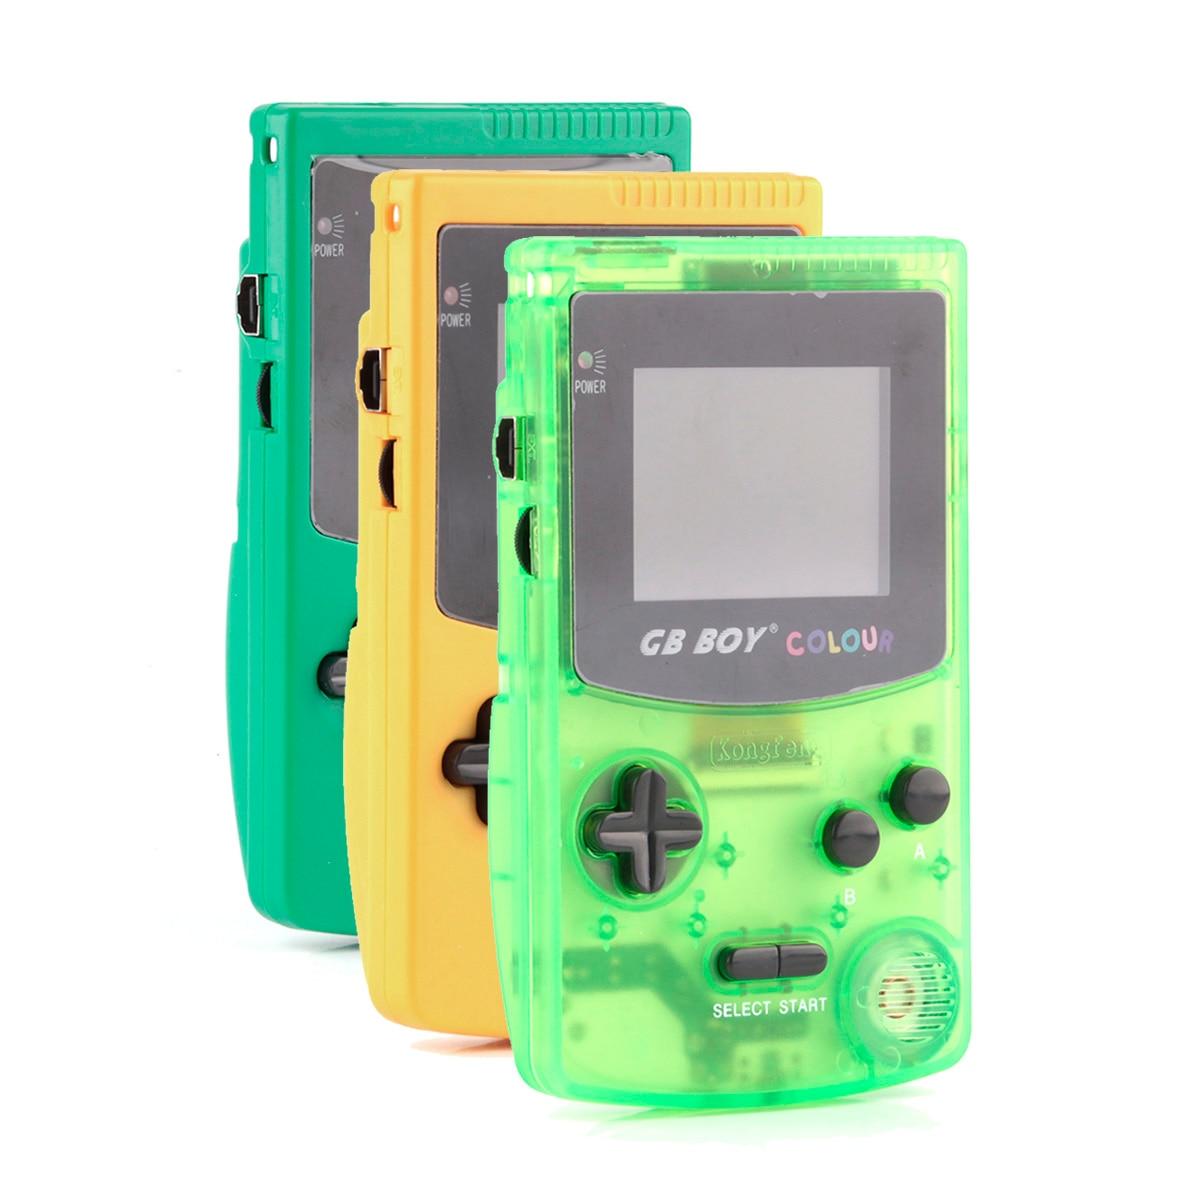 1 PCS/Lot GB garçon couleur couleur lecteur de jeu Portable 2.7